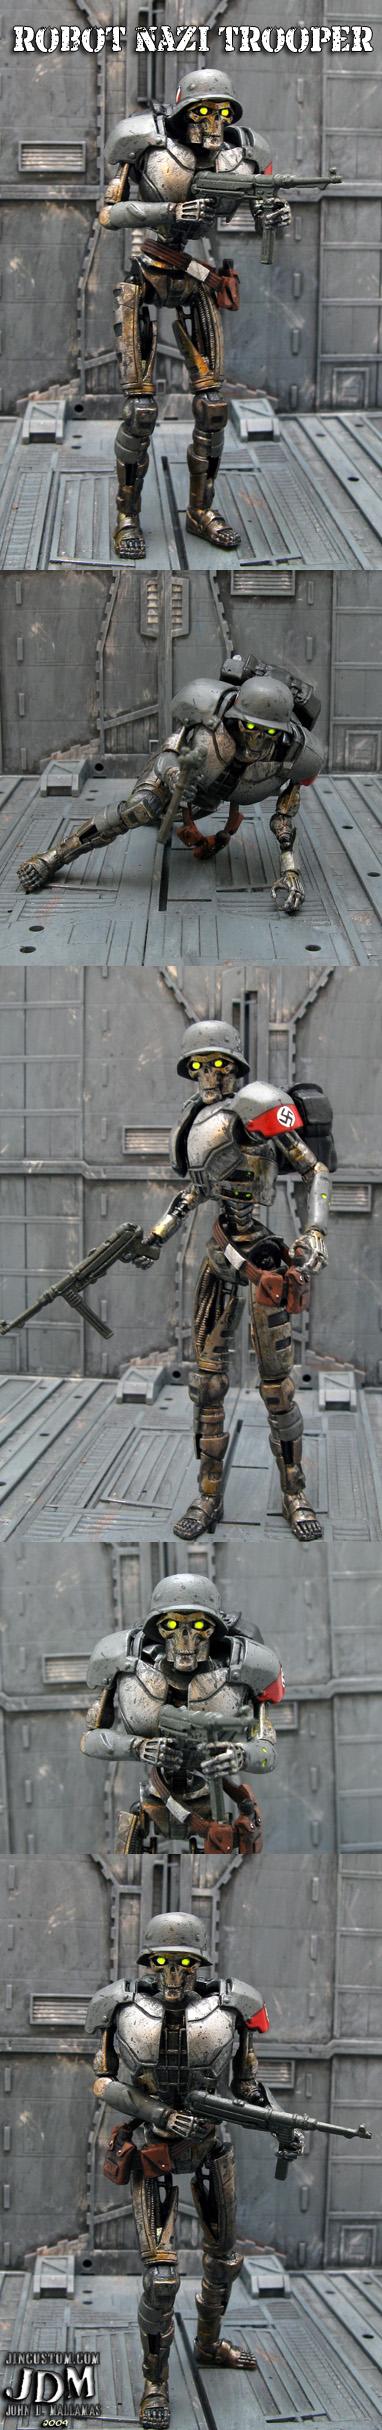 Robot Nazi